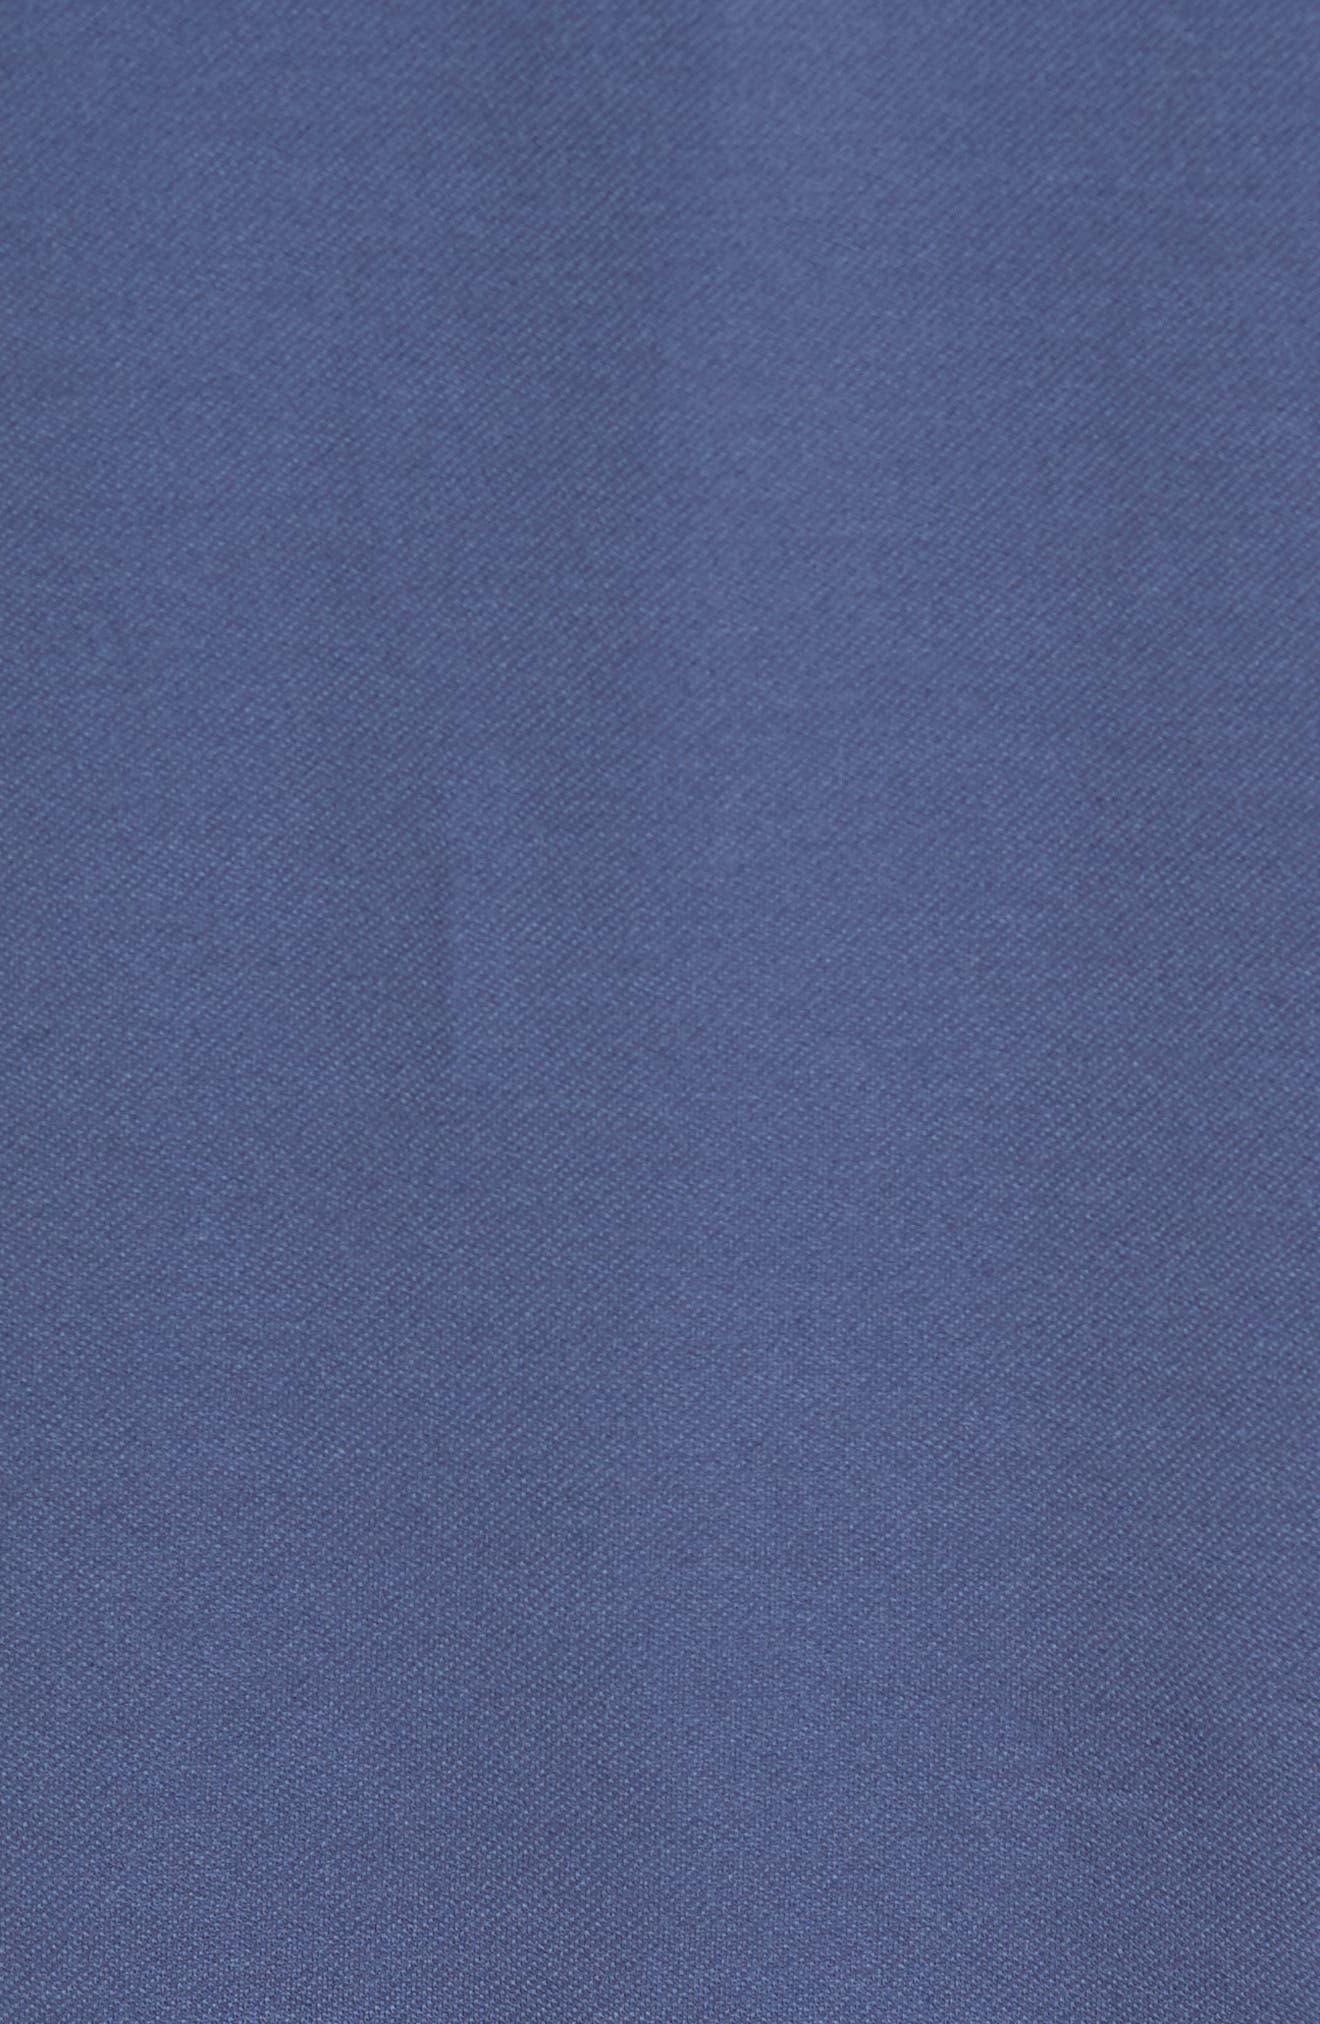 Nantz Piqué Polo,                             Alternate thumbnail 5, color,                             Blue Indigo